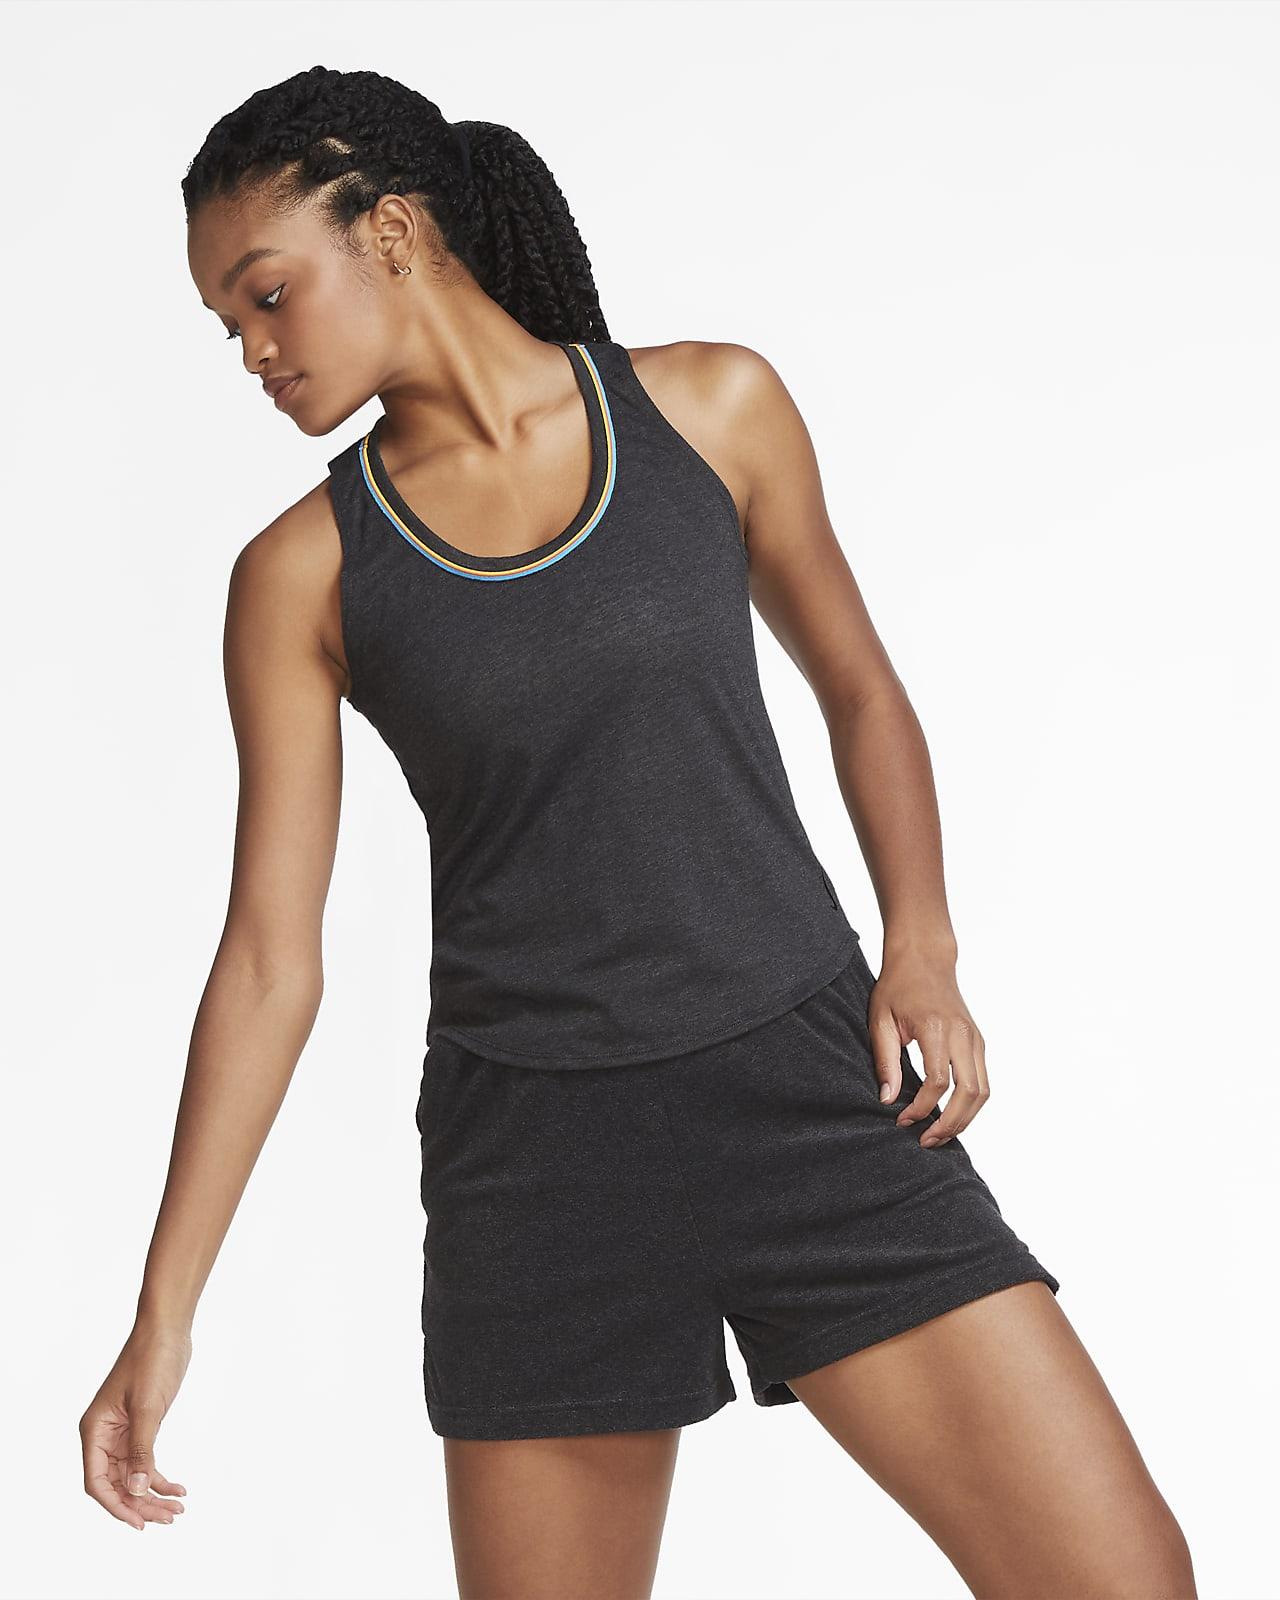 เสื้อกล้ามผู้หญิง Nike Yoga